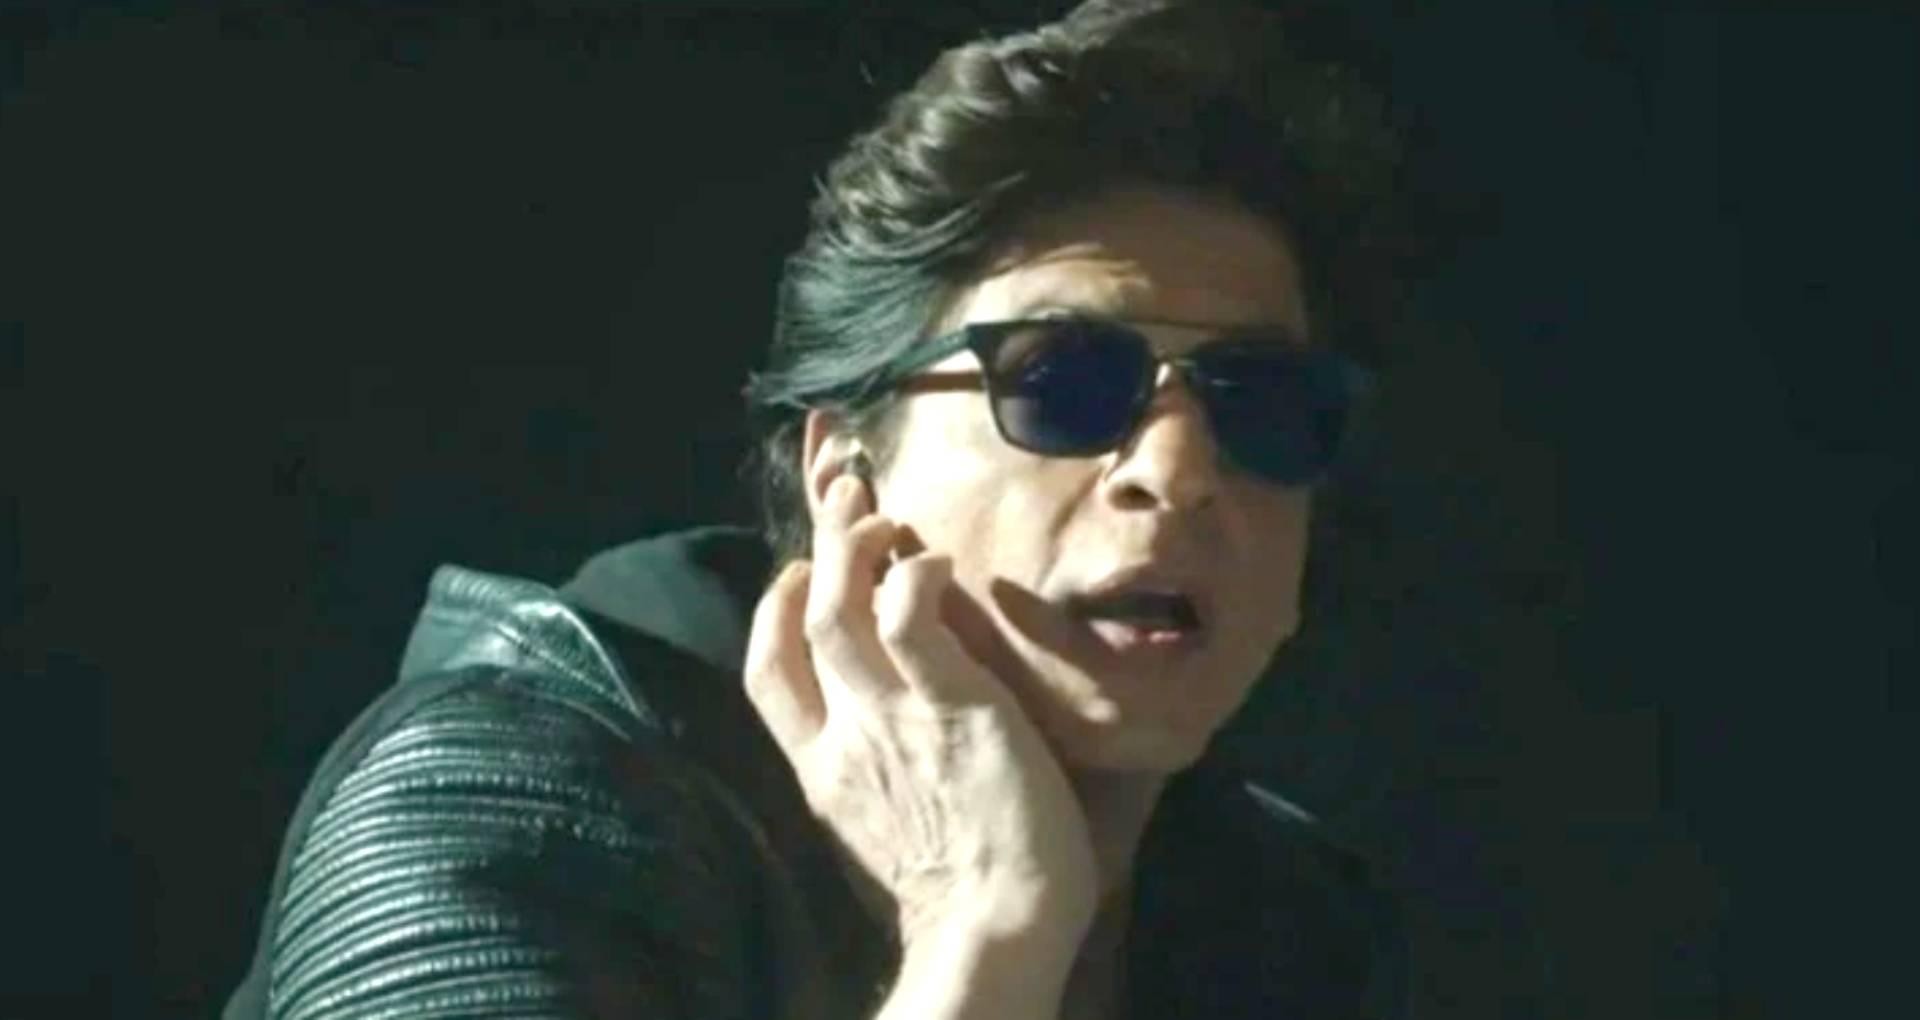 शाहरुख खान क्या करेंगे डिजिटल डेब्यू? नेटफ्लिक्स के 3 वीडियो में नौकरी ढूंढते दिखे बादशाह, कल खुलेगा राज़